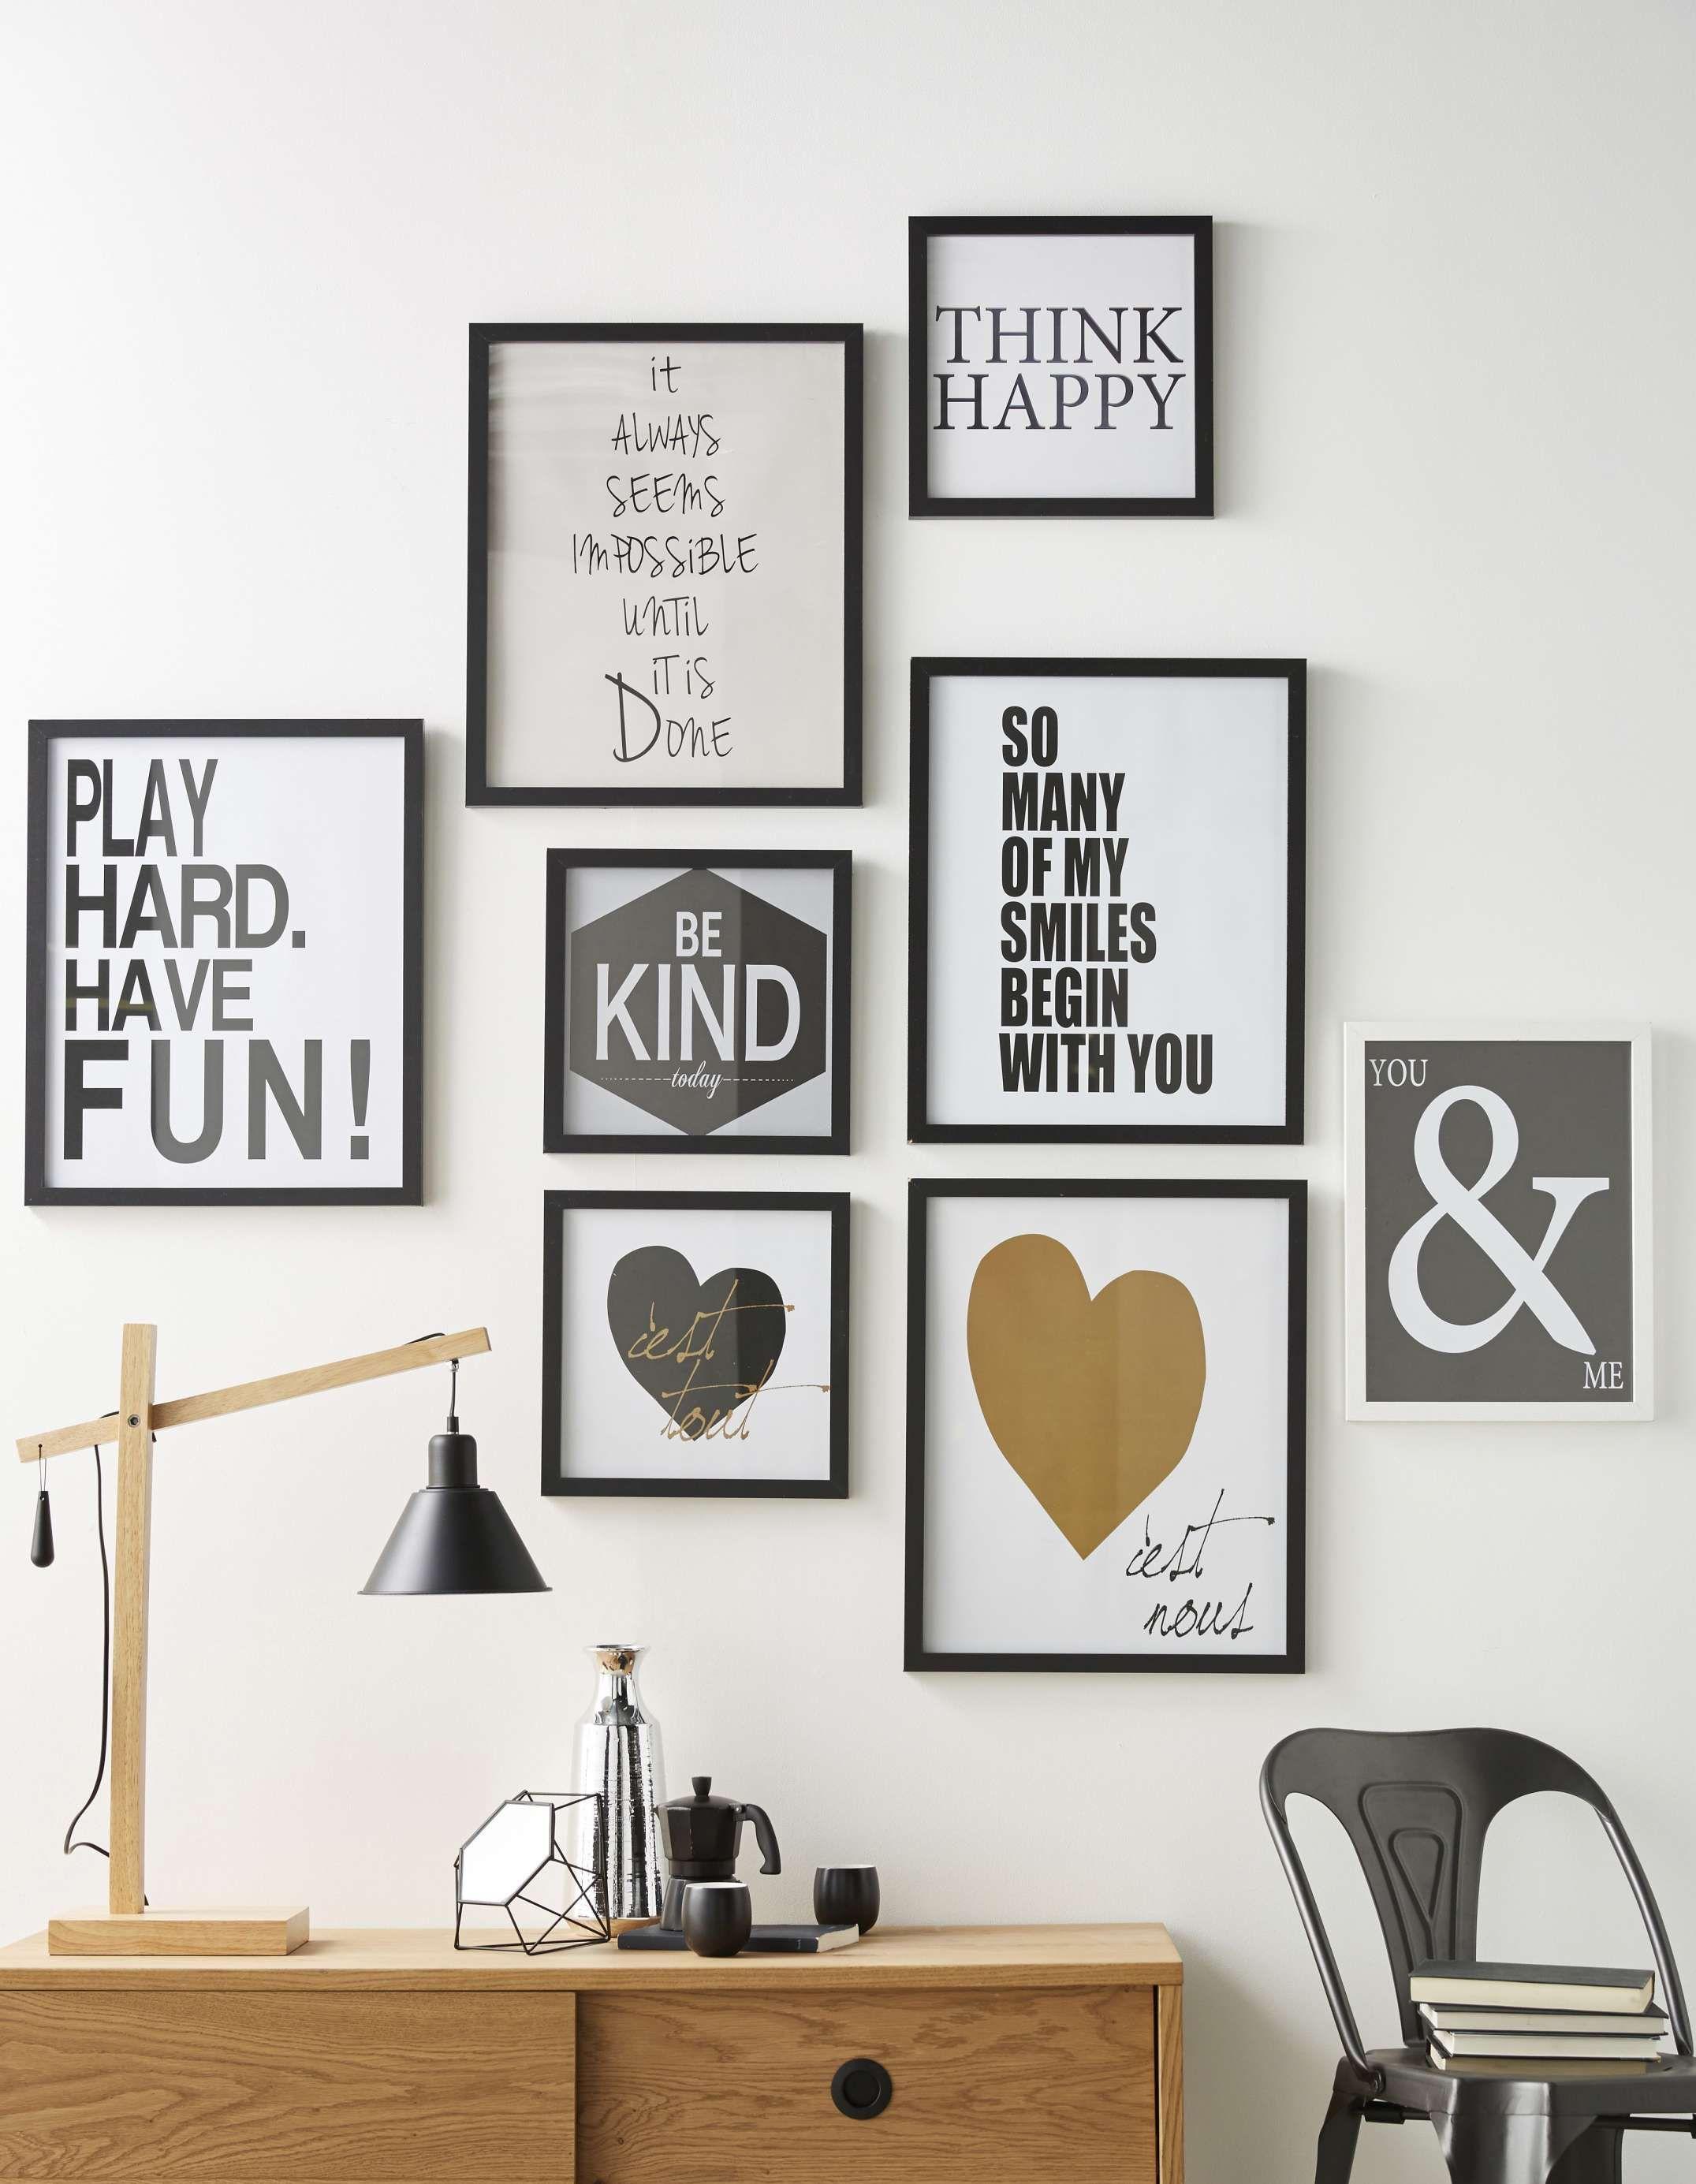 Decoration Murale Pour Salon 15+ cadre decoratif pour salon - designs de chambre, designs